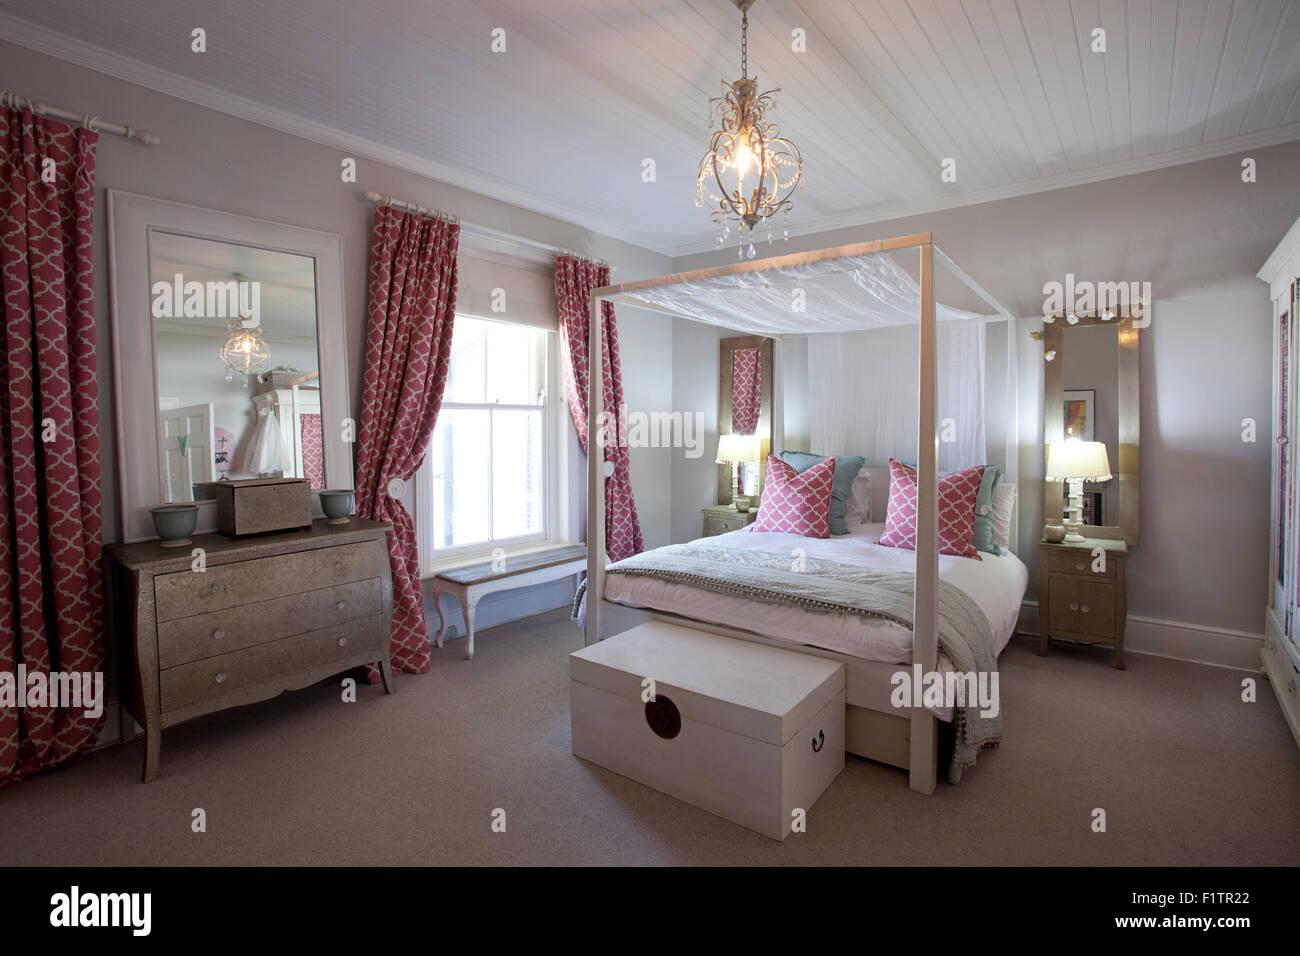 Foto di interni di una camera da letto le ragazze con un bellissimo